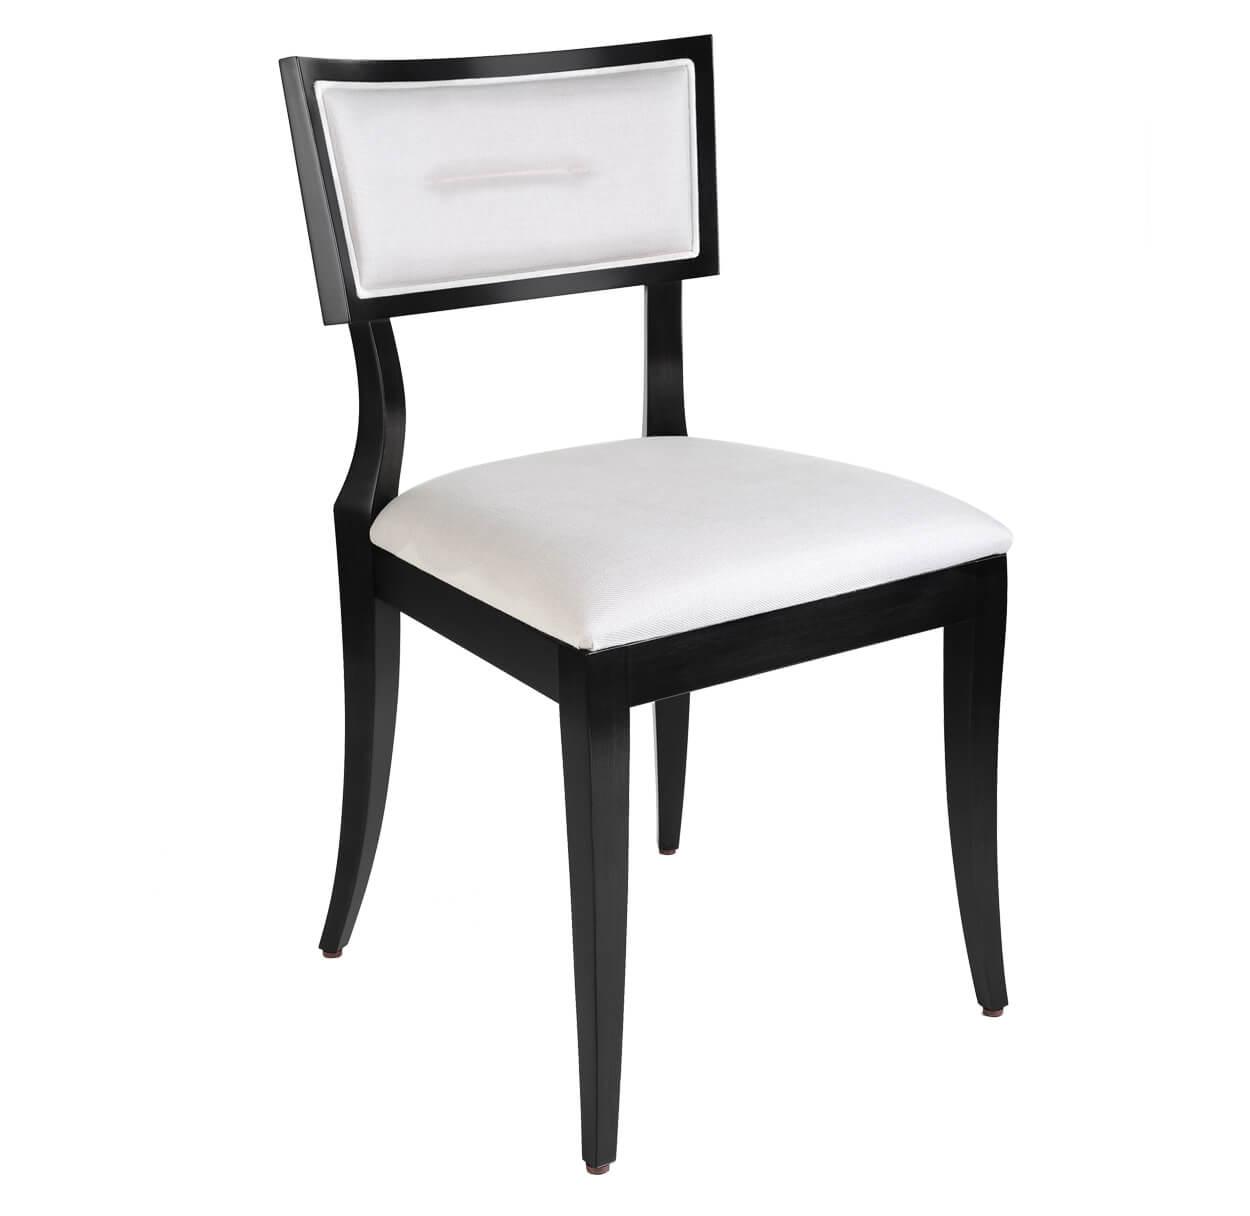 Zeyn Eetkamerstoel - Mulleman meubelen